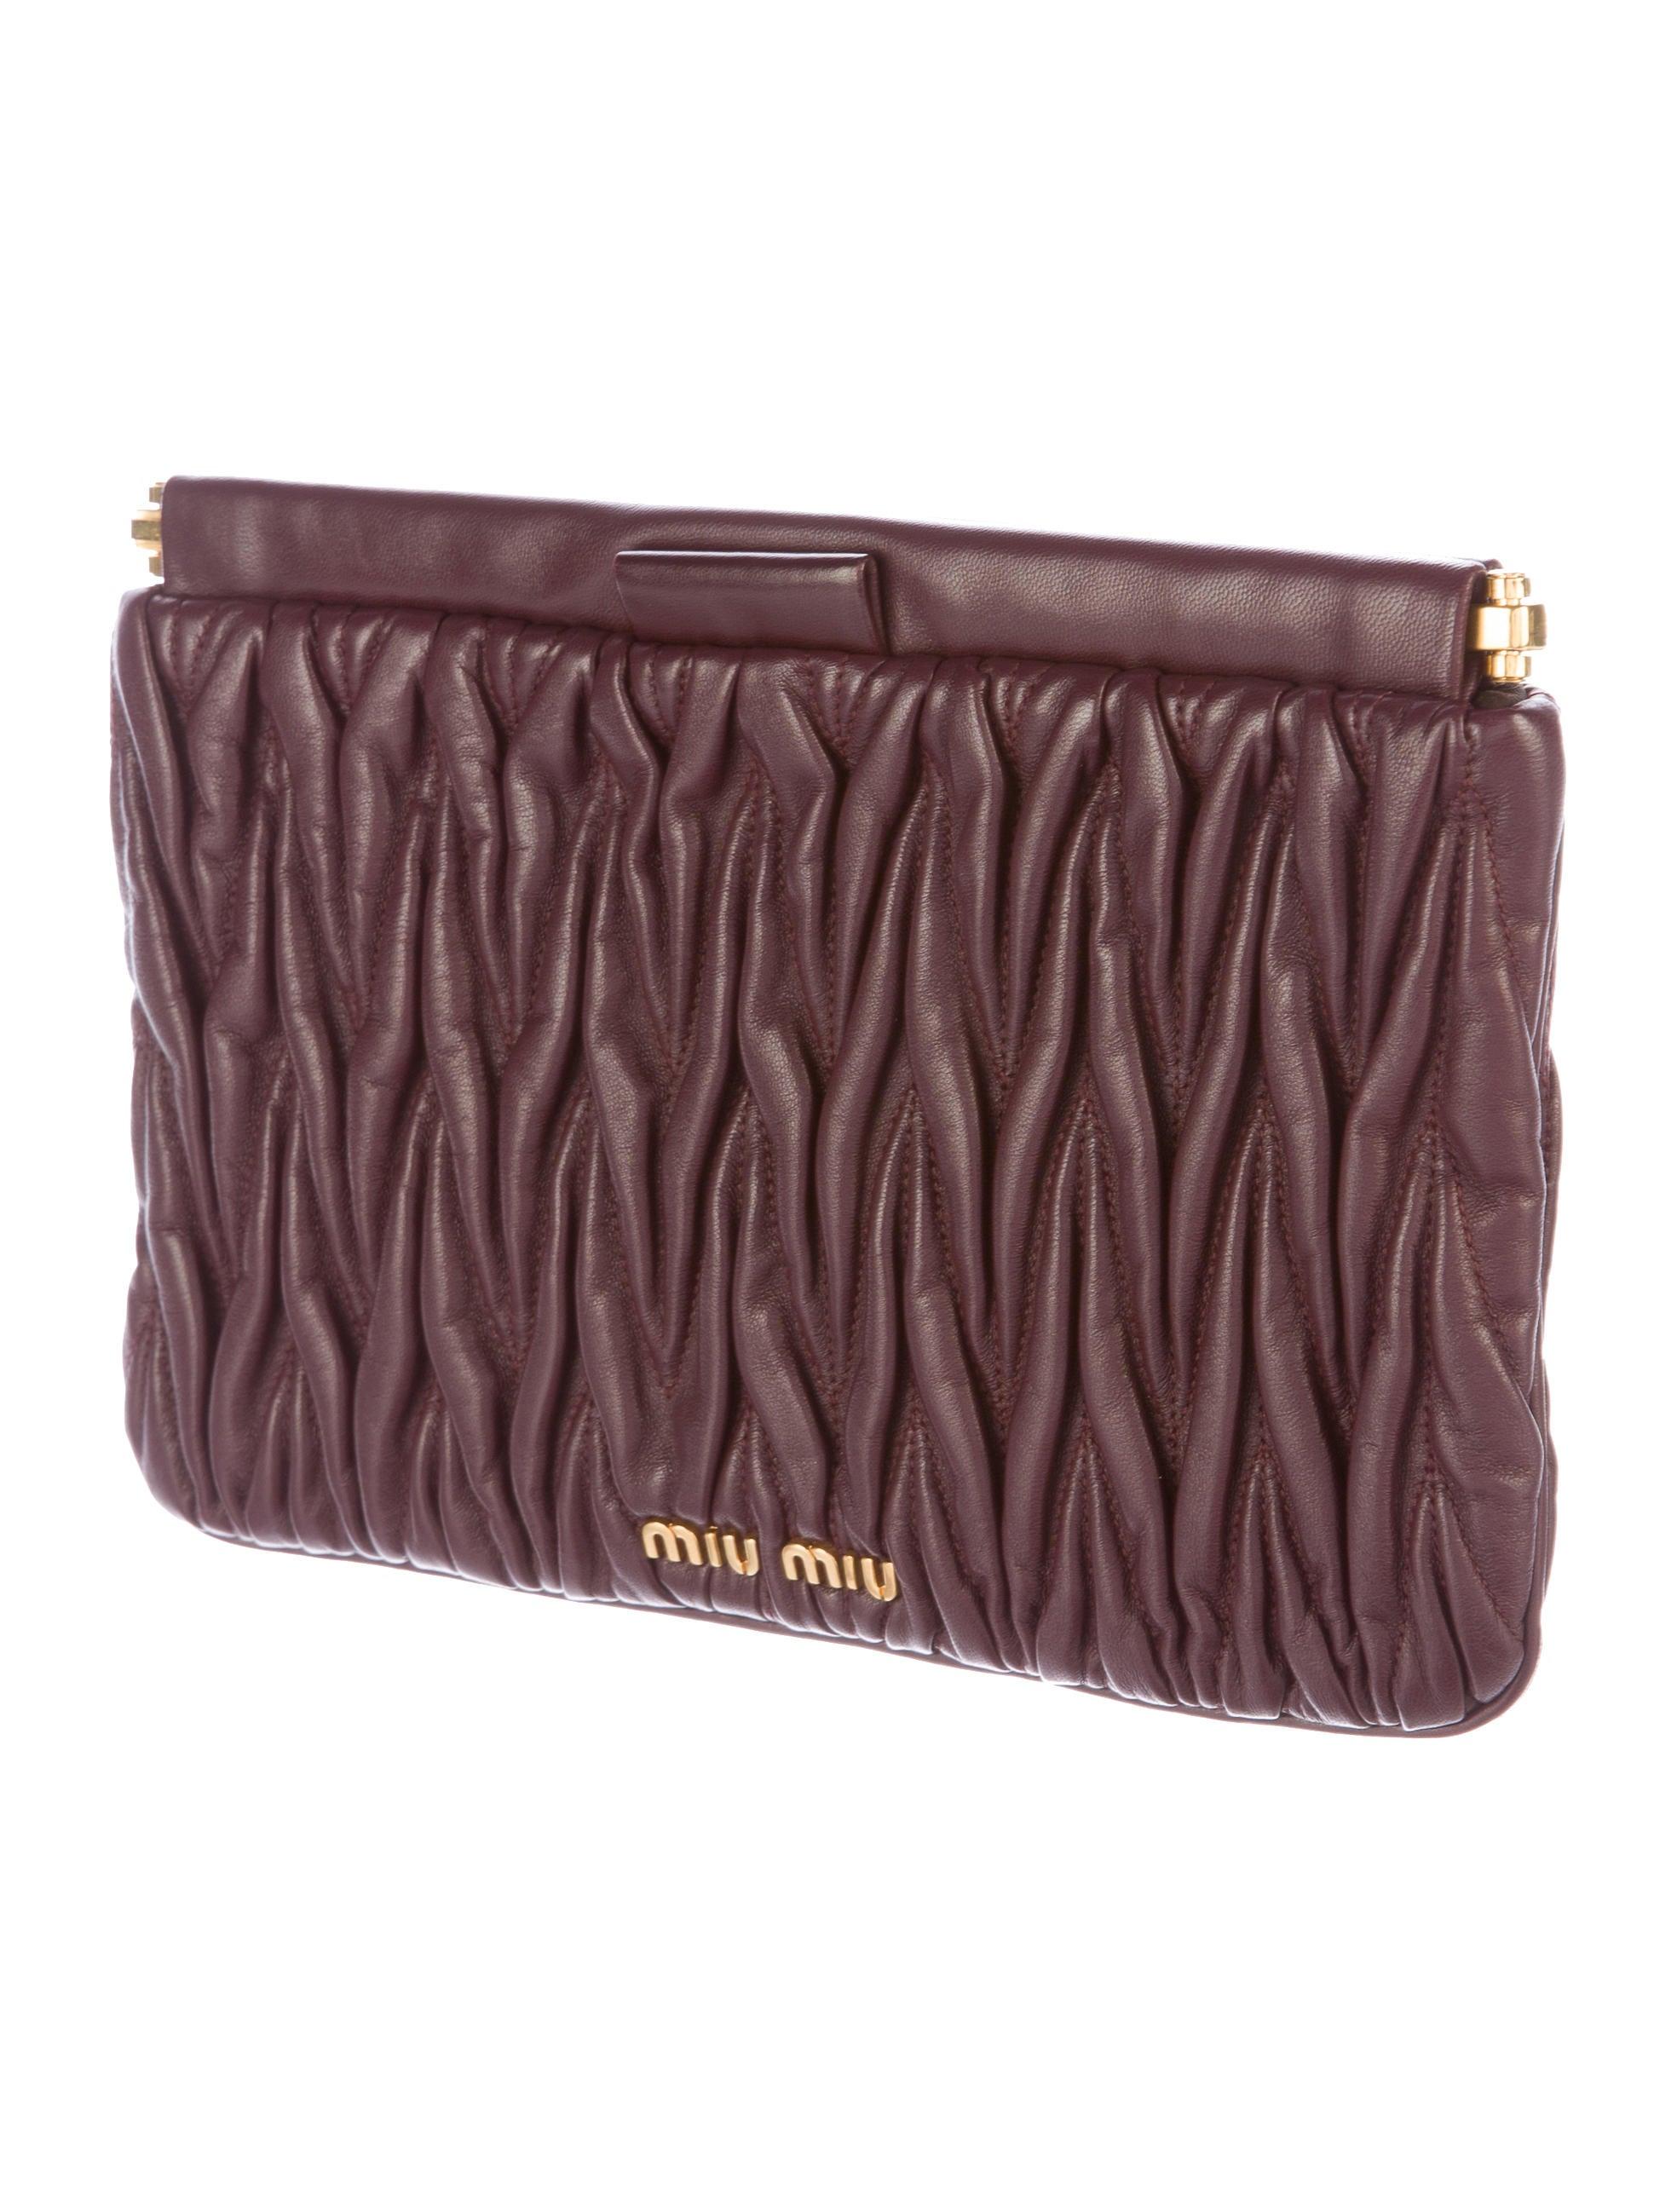 miu miu matelass leather clutch handbags miu47286 the realreal. Black Bedroom Furniture Sets. Home Design Ideas